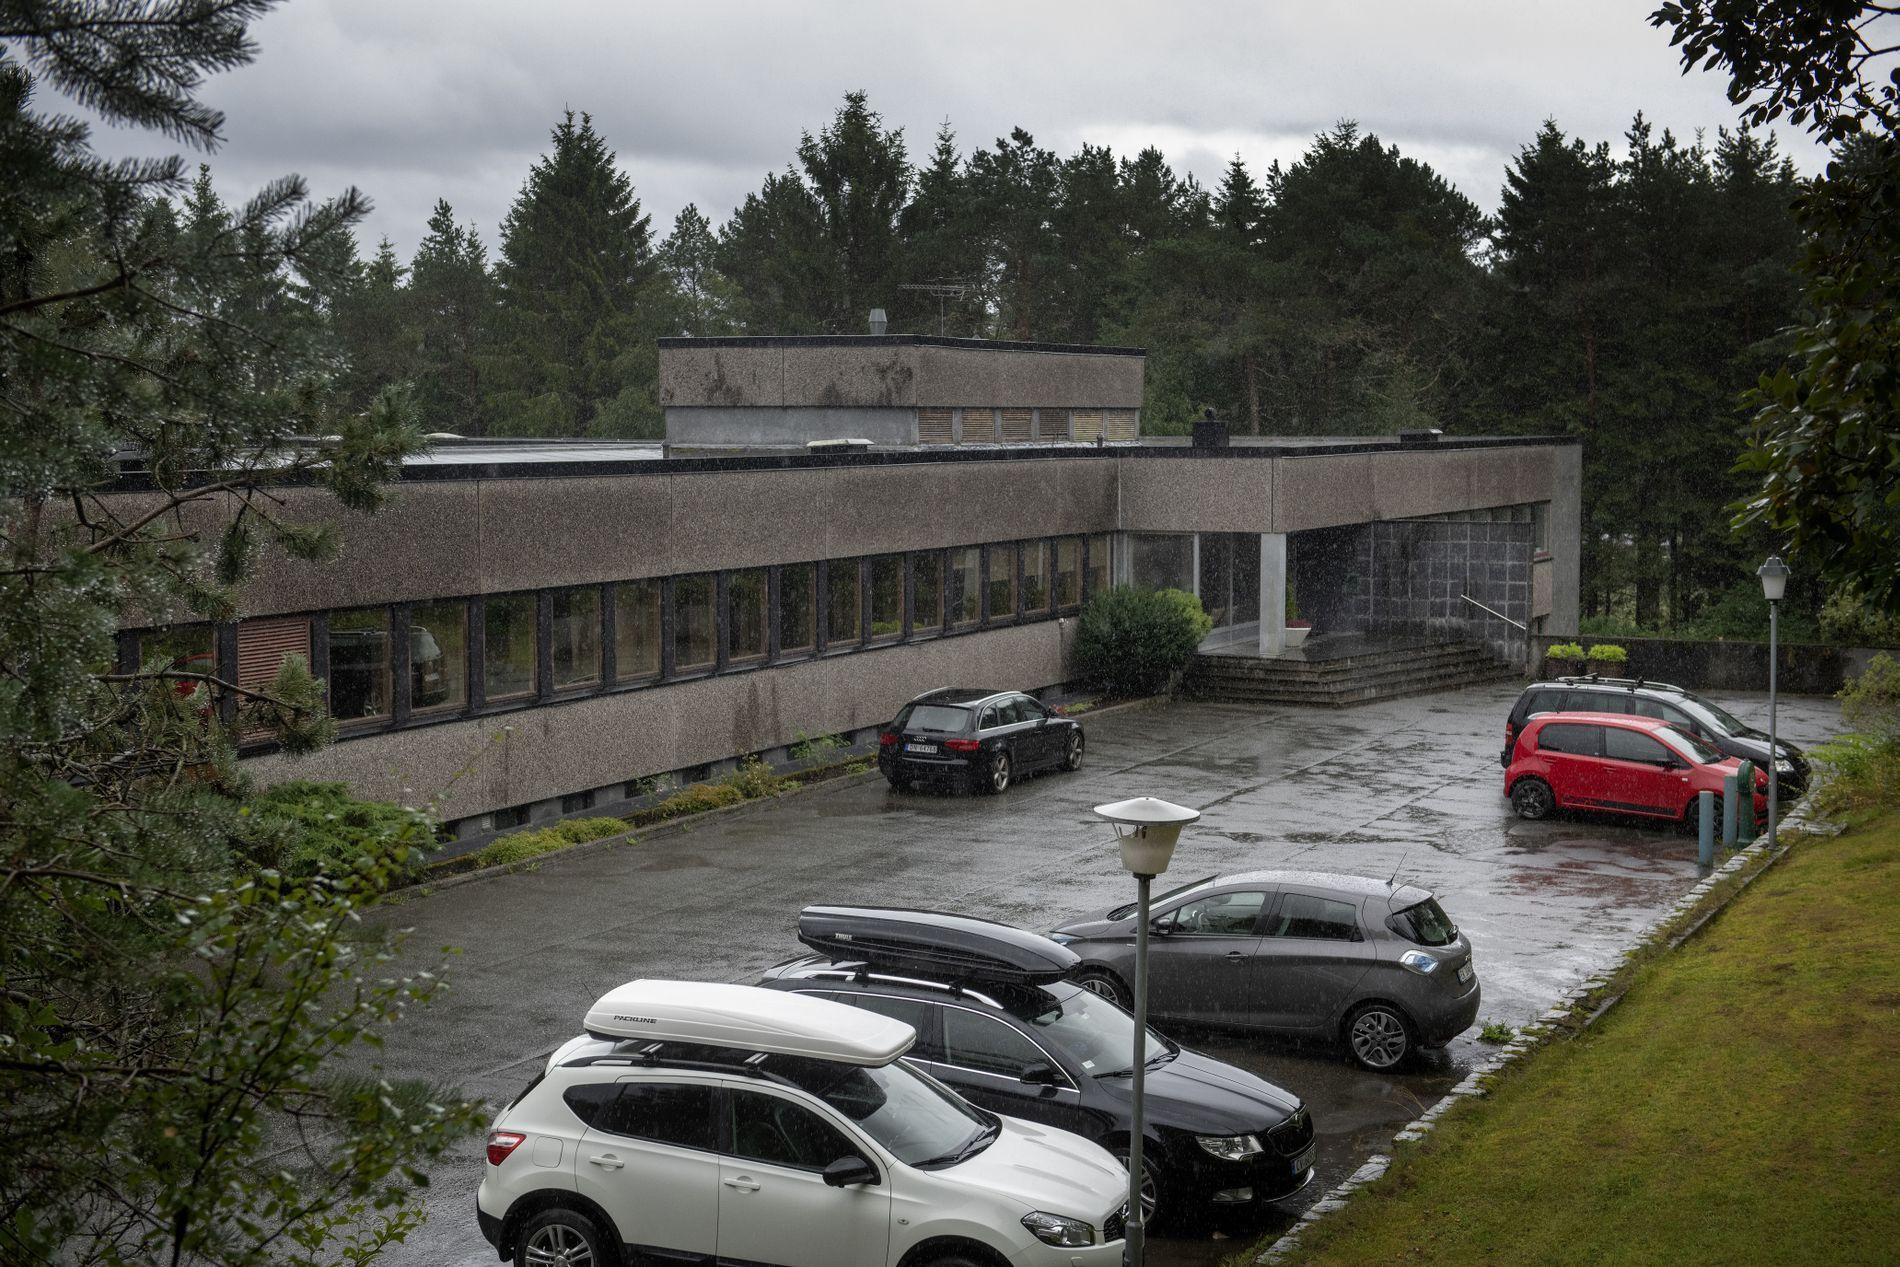 TO SUSPENDERT: To ledere ble suspendert fra Bergensklinikken i midten av august. I etterkant åpnet Fylkeslegen tilsyn mot klinikken etter varsel om journalsnoking. Nå foreligger konklusjonen av tilsynet.